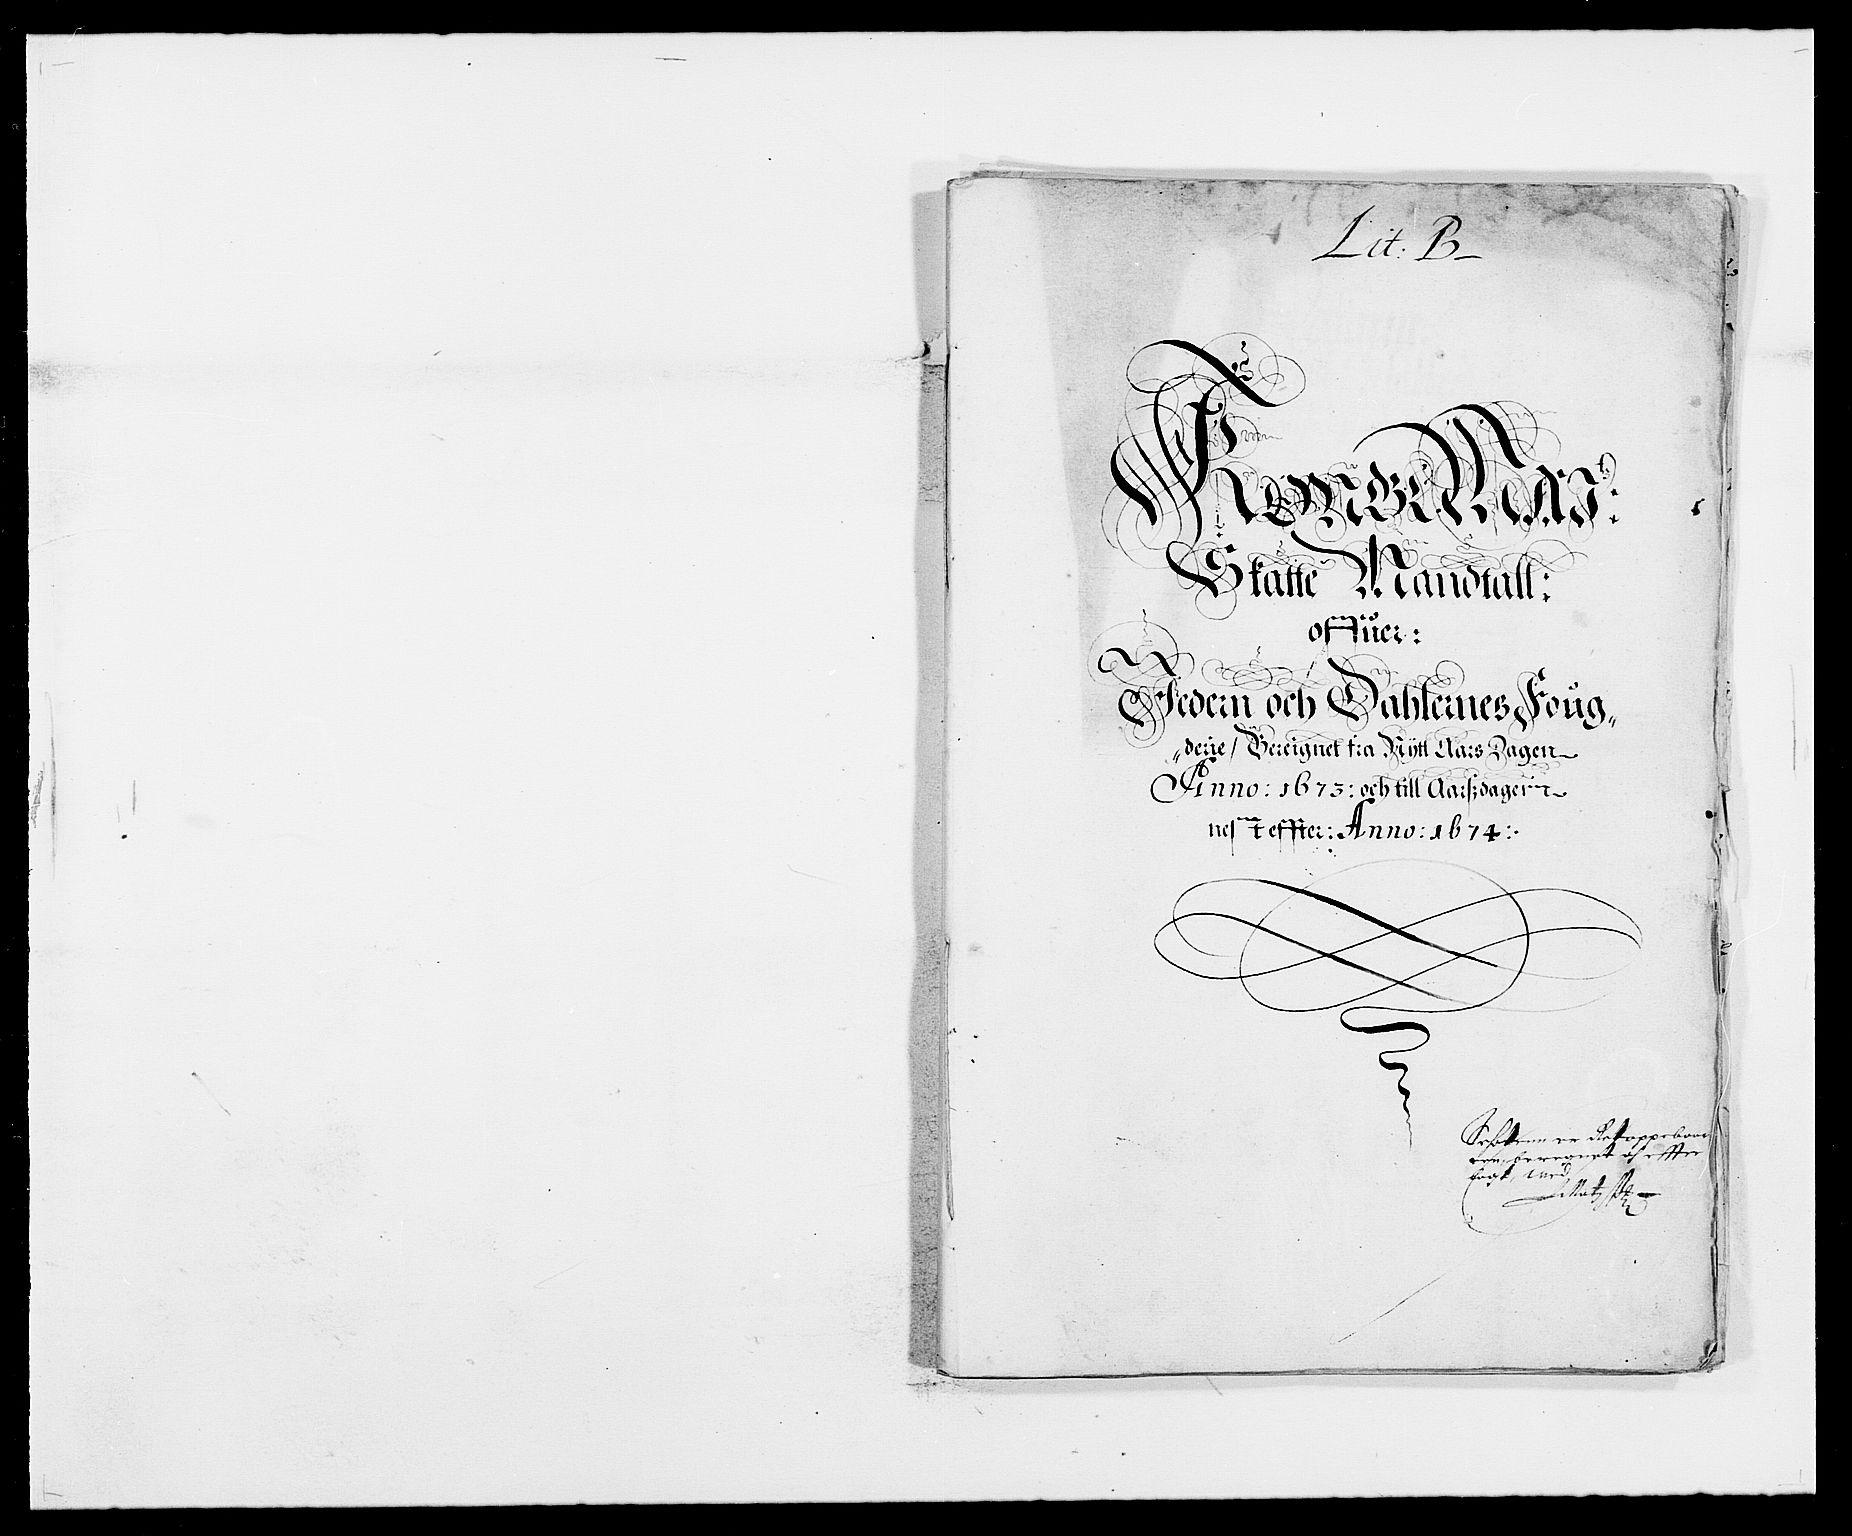 RA, Rentekammeret inntil 1814, Reviderte regnskaper, Fogderegnskap, R46/L2714: Fogderegnskap Jæren og Dalane, 1673-1674, s. 7